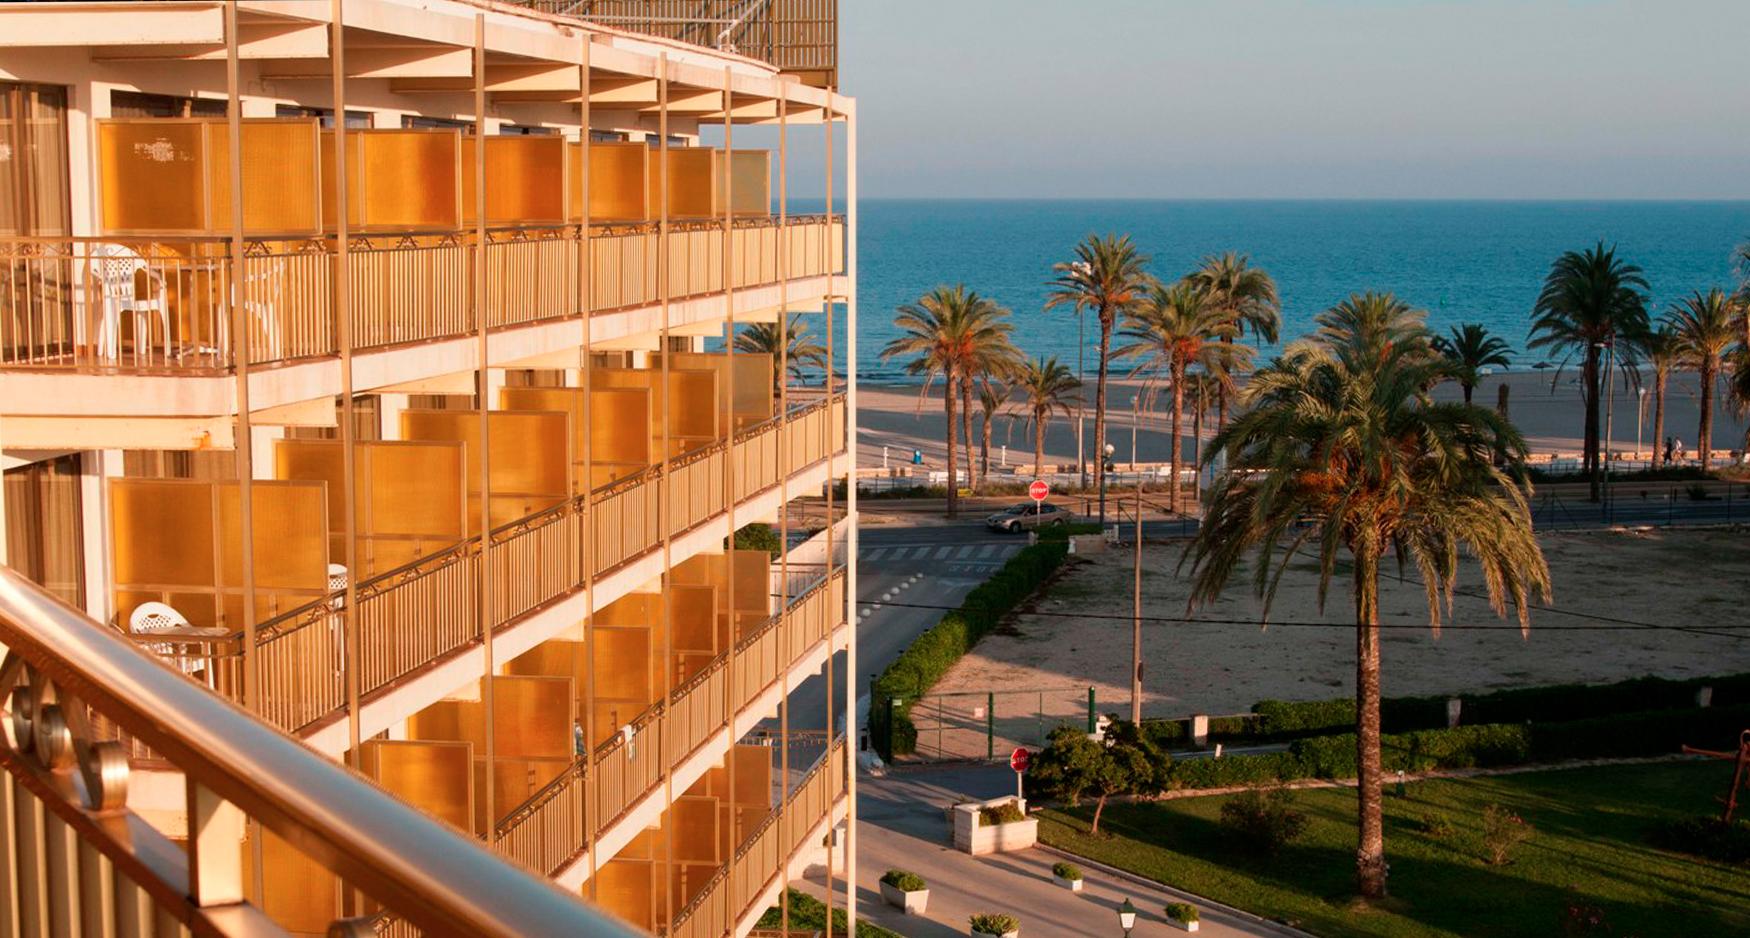 Hotel Almirante - APHA asocacion de hoteles y alojamientos turisticos de la provincia de Alicante